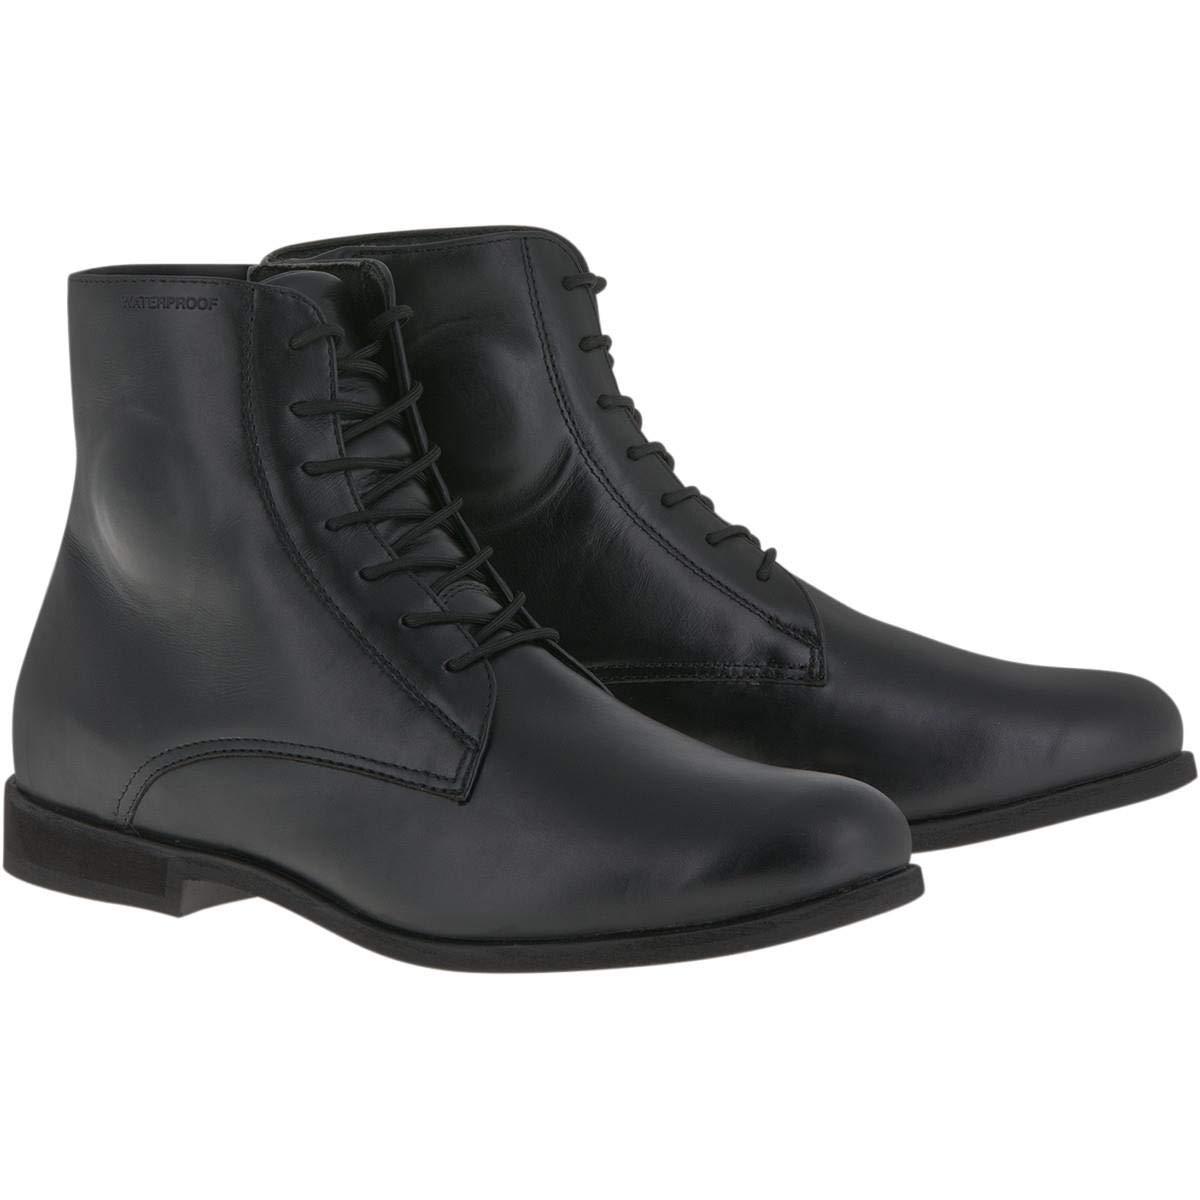 Alpinestars Parlor Men's Waterproof Street Motorcycle Shoes - Black / 13